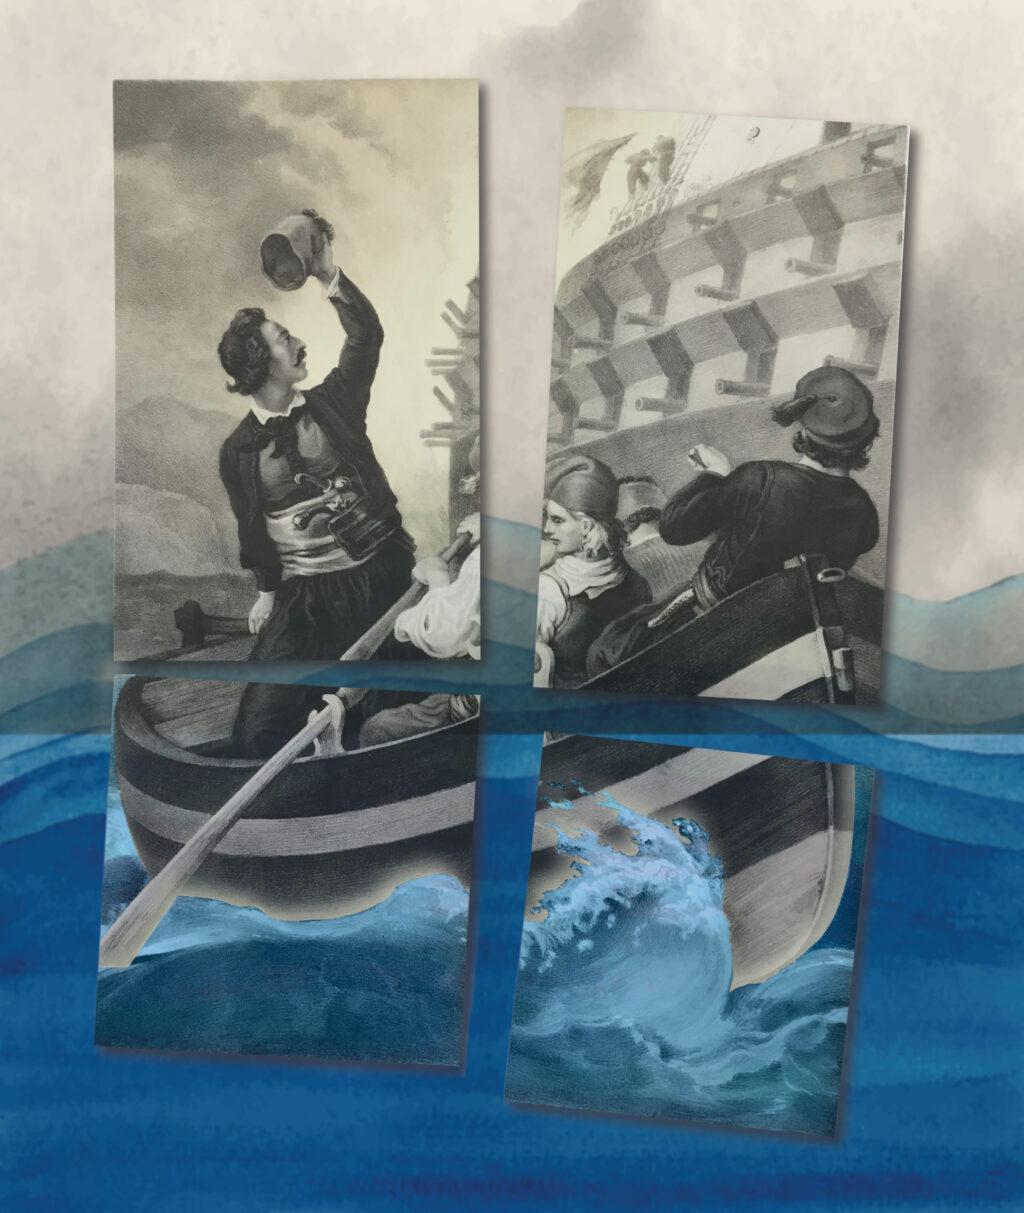 Τρέξε επάνω εις τα κύματα της φοβεράς θαλάσσης.* 1821. O Αγώνας στη Θάλασσα.